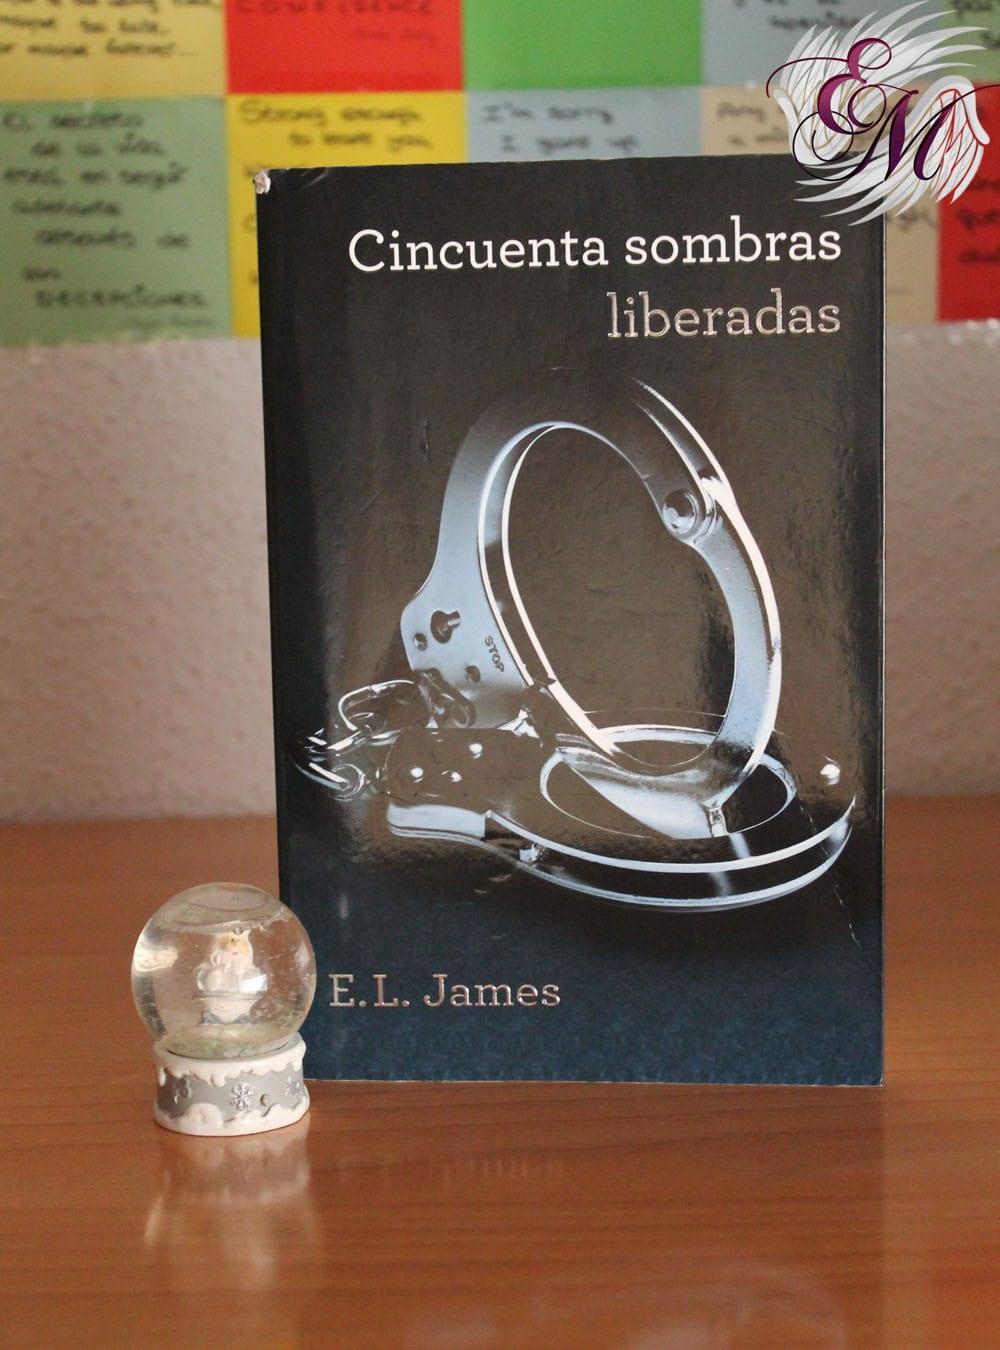 Cincuenta sombras liberadas, E.L.James - Reseña